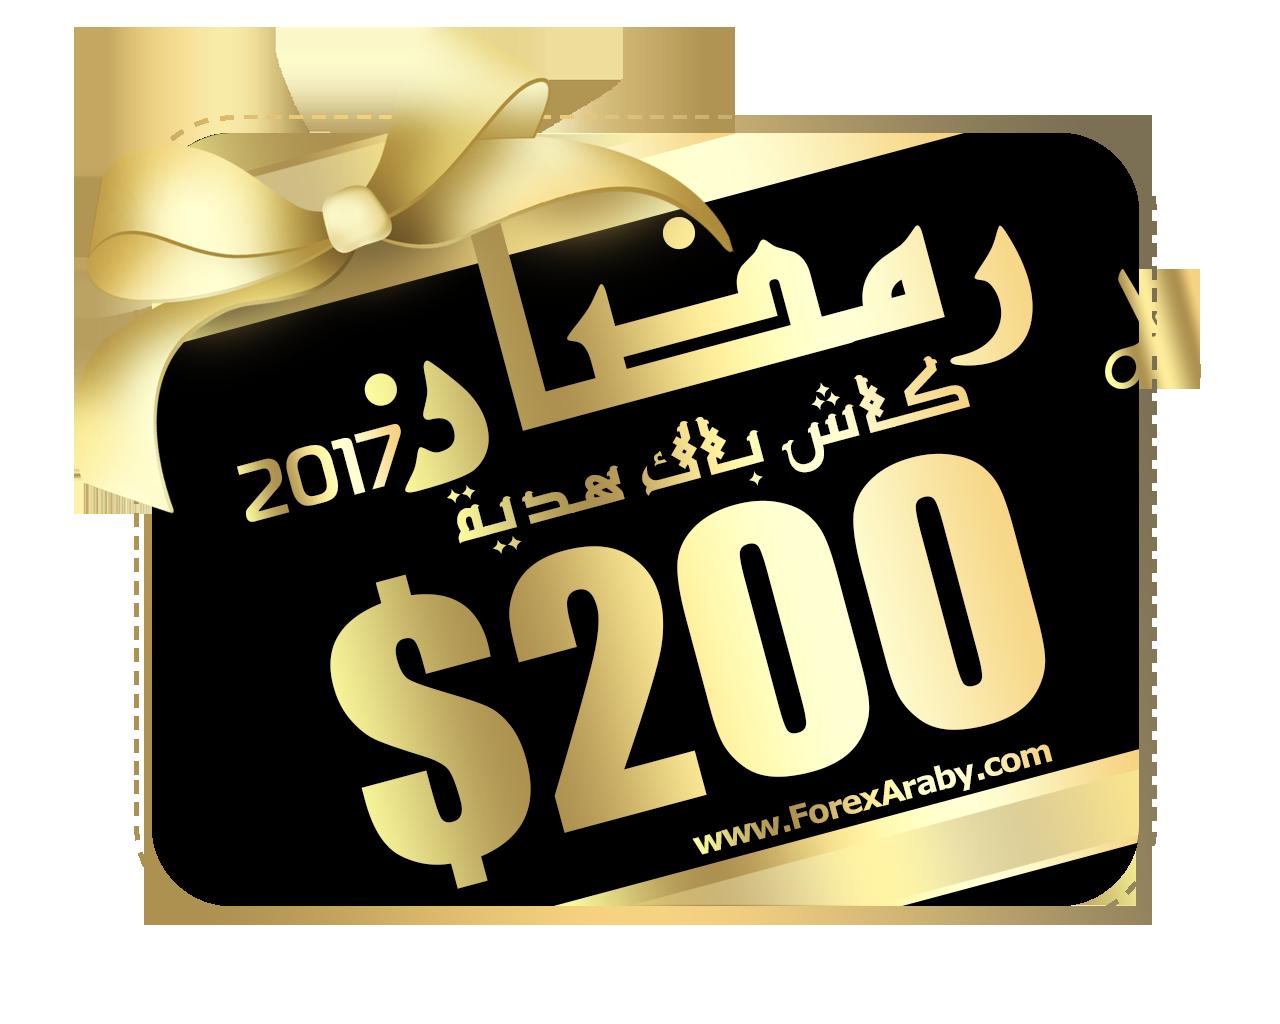 هدية رمضان , كاش باك 200 دولار من markets.com